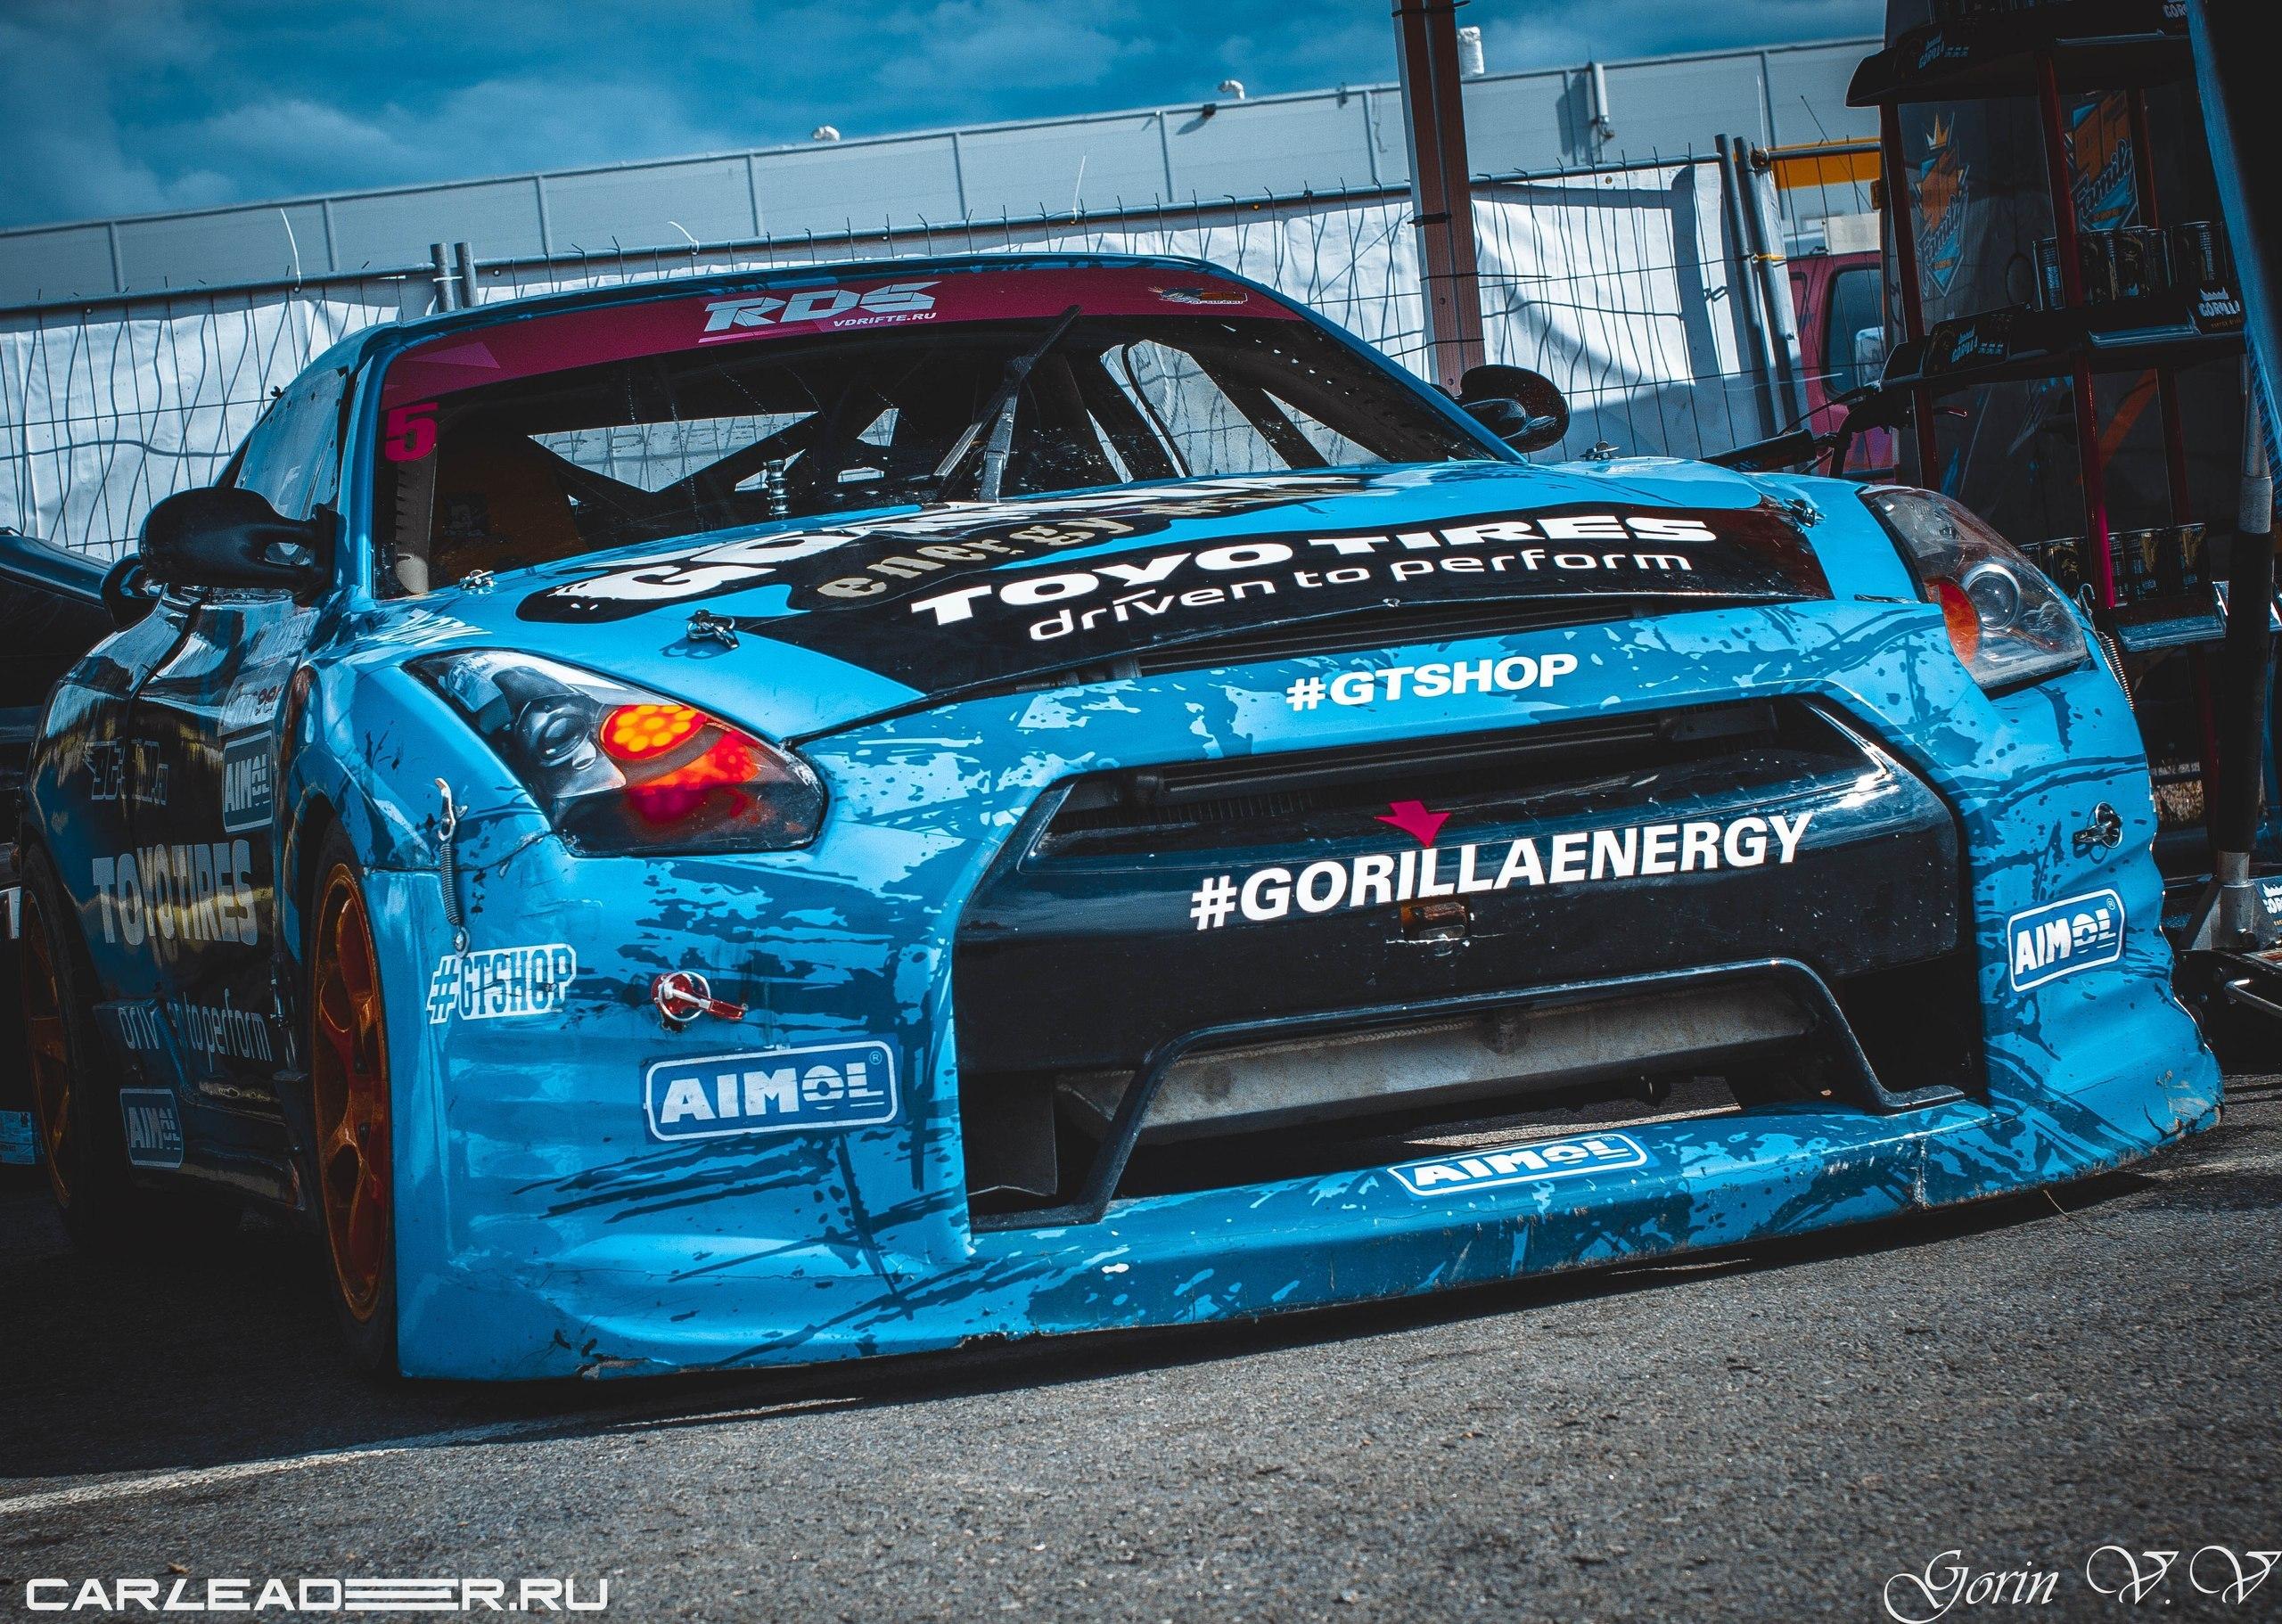 Nissan Silvia aka GT-R R35